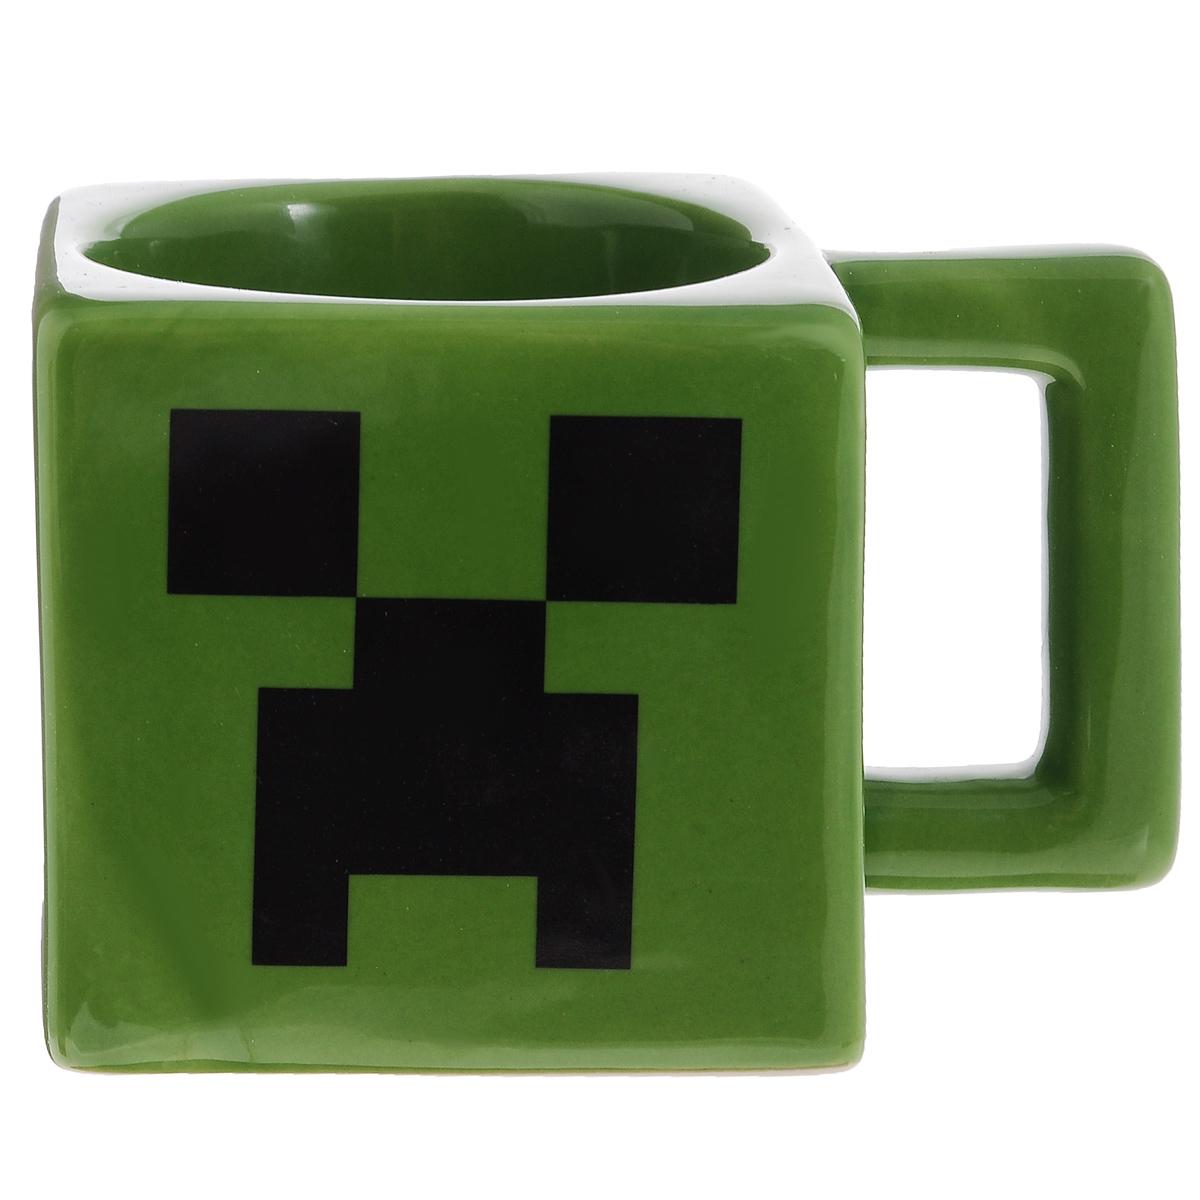 Квадратная кружка Minecraft Creeper Face Mug - зеленого цвета с изображением  лица Крипера из Minecraft!  Отличный подарок фанату! Утро начинается с чашки чая или кофе, утро начинается  с квадратной кружки по Майнкрафту!   Если ваш ребенок увлекается игрой Майнкрафт, такой подарок ему очень  понравится!